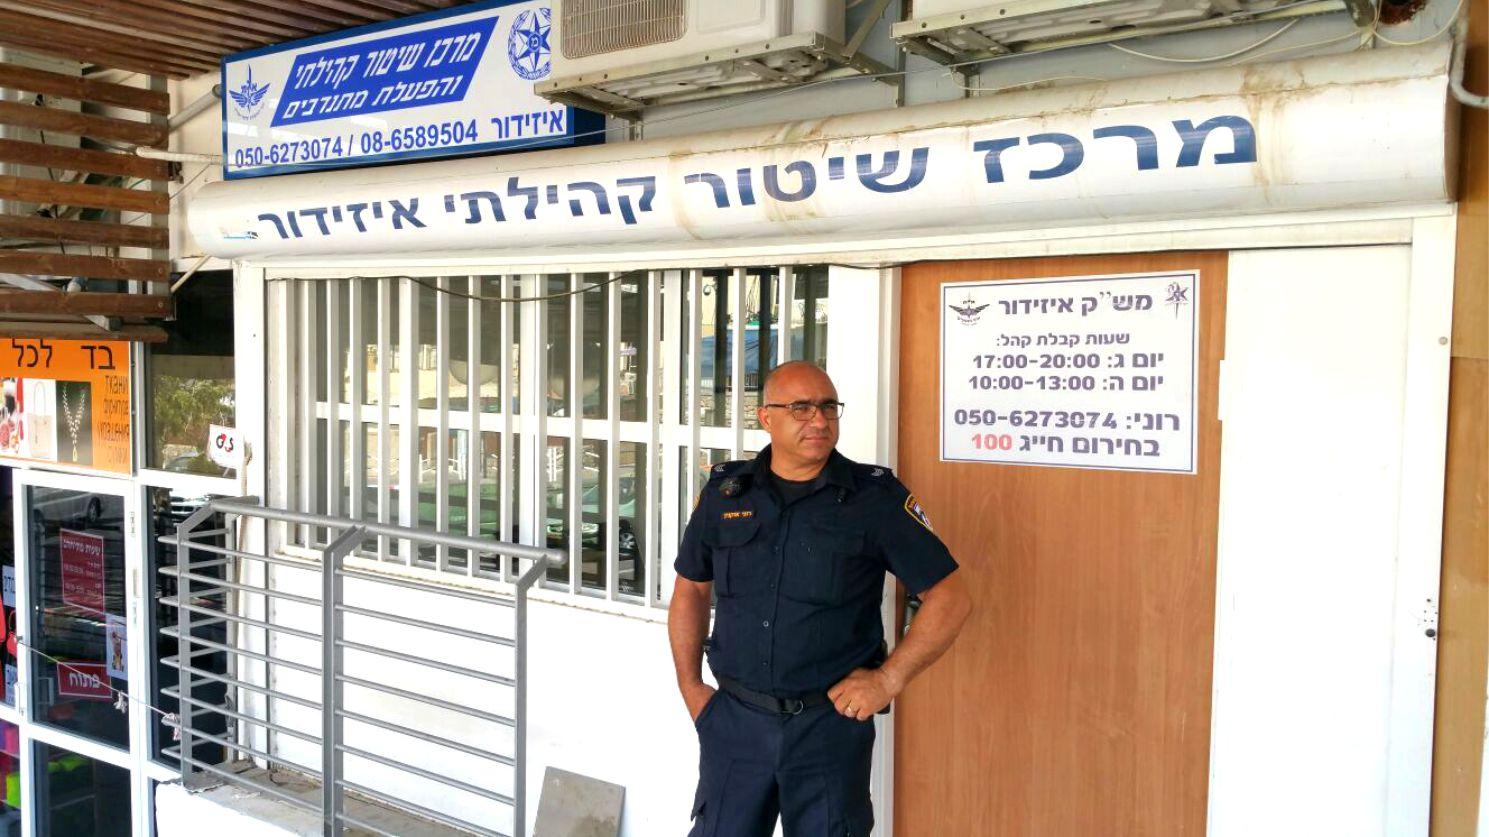 שוטר ואזרחים הצילו שלושה פעוטים משריפה